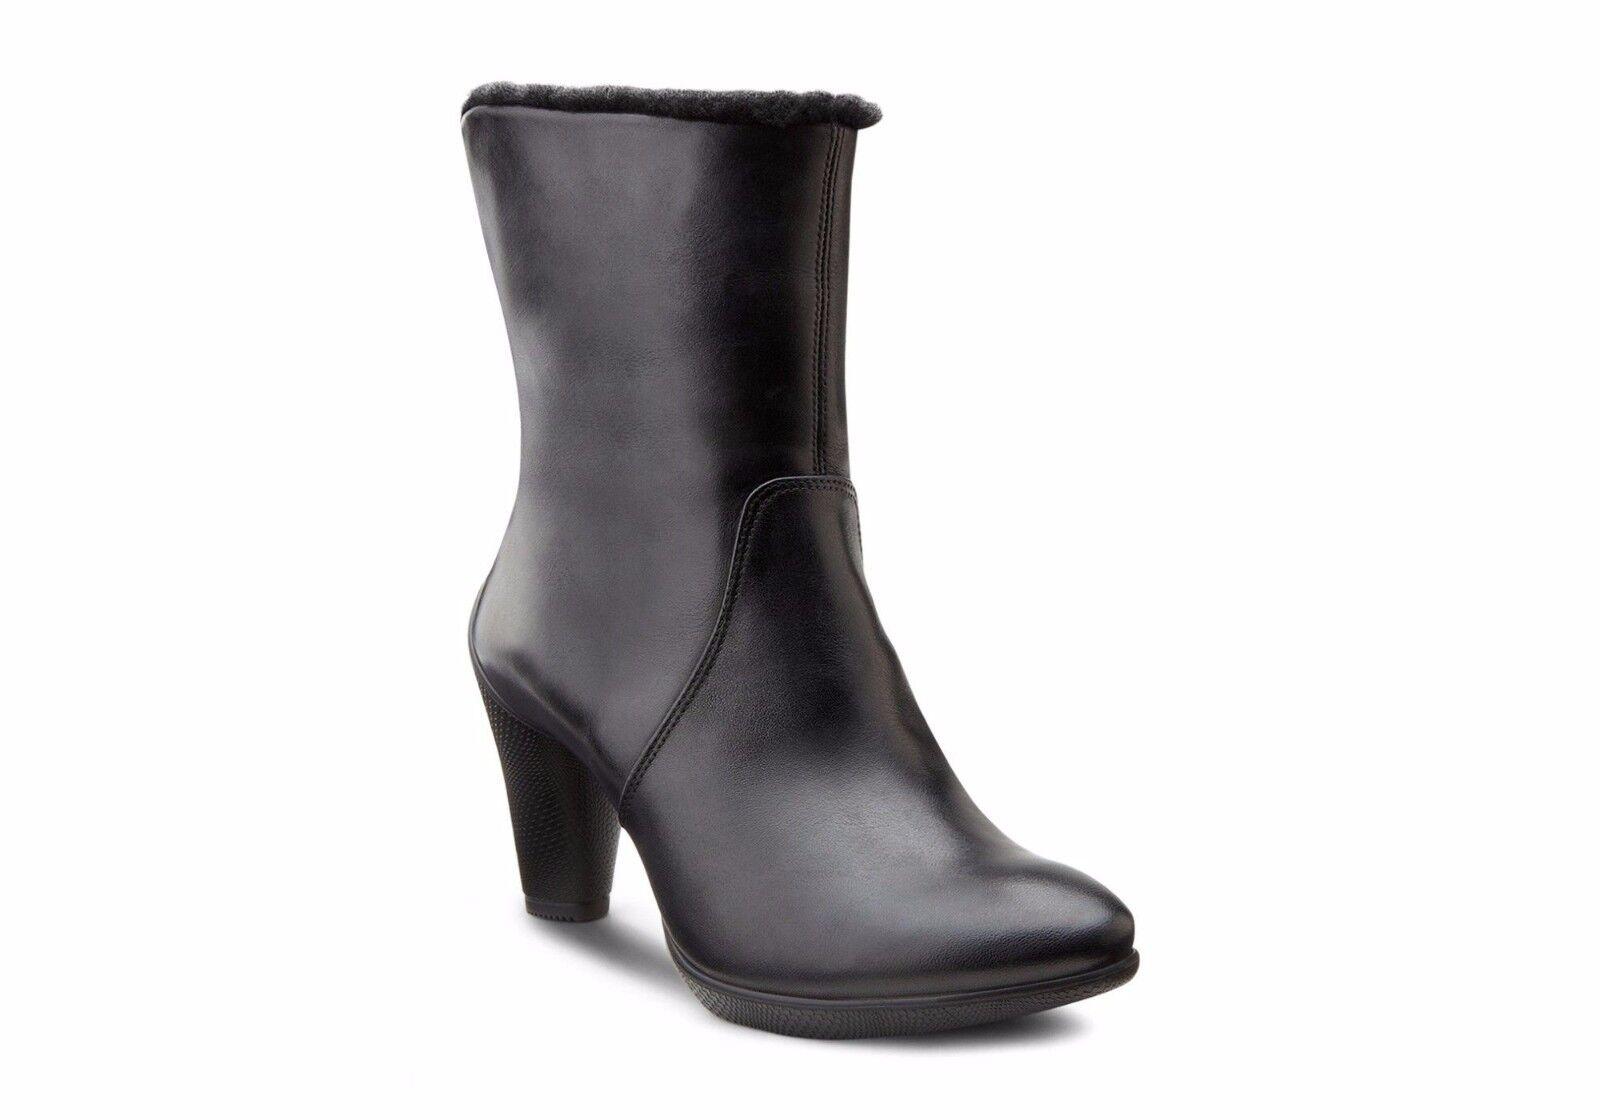 ECCO ECCO ECCO SCULPTUROT 75 Leder WOOL Lined High Heel Stiefel UK7.5 / EU 41 15a9f1